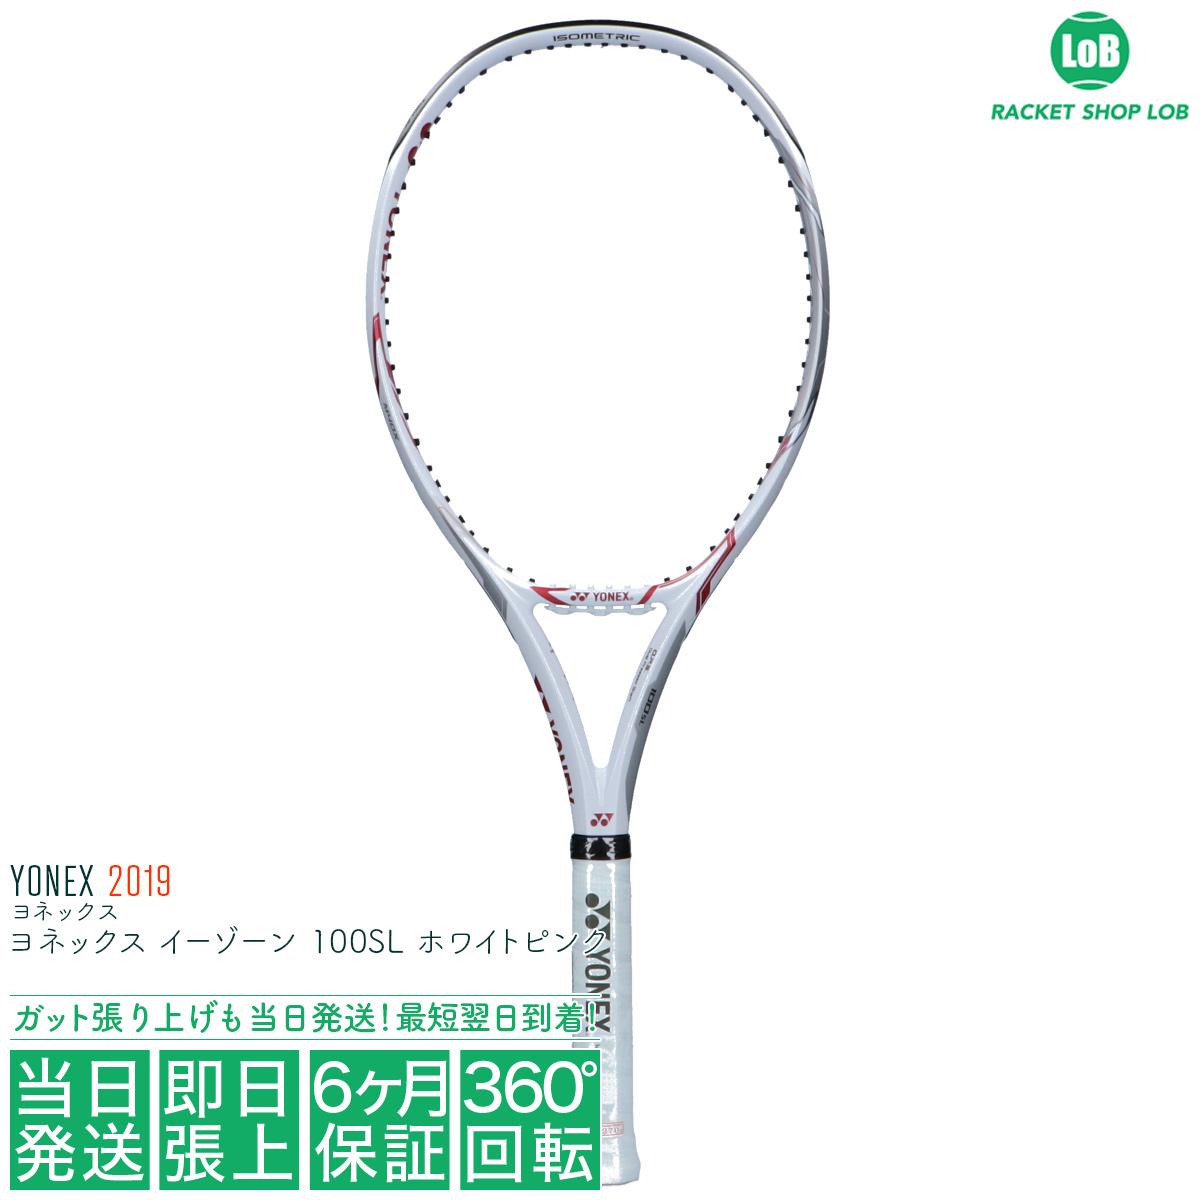 【クーポン利用で5%OFF!】【送料無料】【国内正規品】ヨネックス イーゾーン 100SL ホワイトピンク 2020(YONEX EZONE 100SL WHITE PINK)270g 06EZ100S 062 硬式テニスラケット